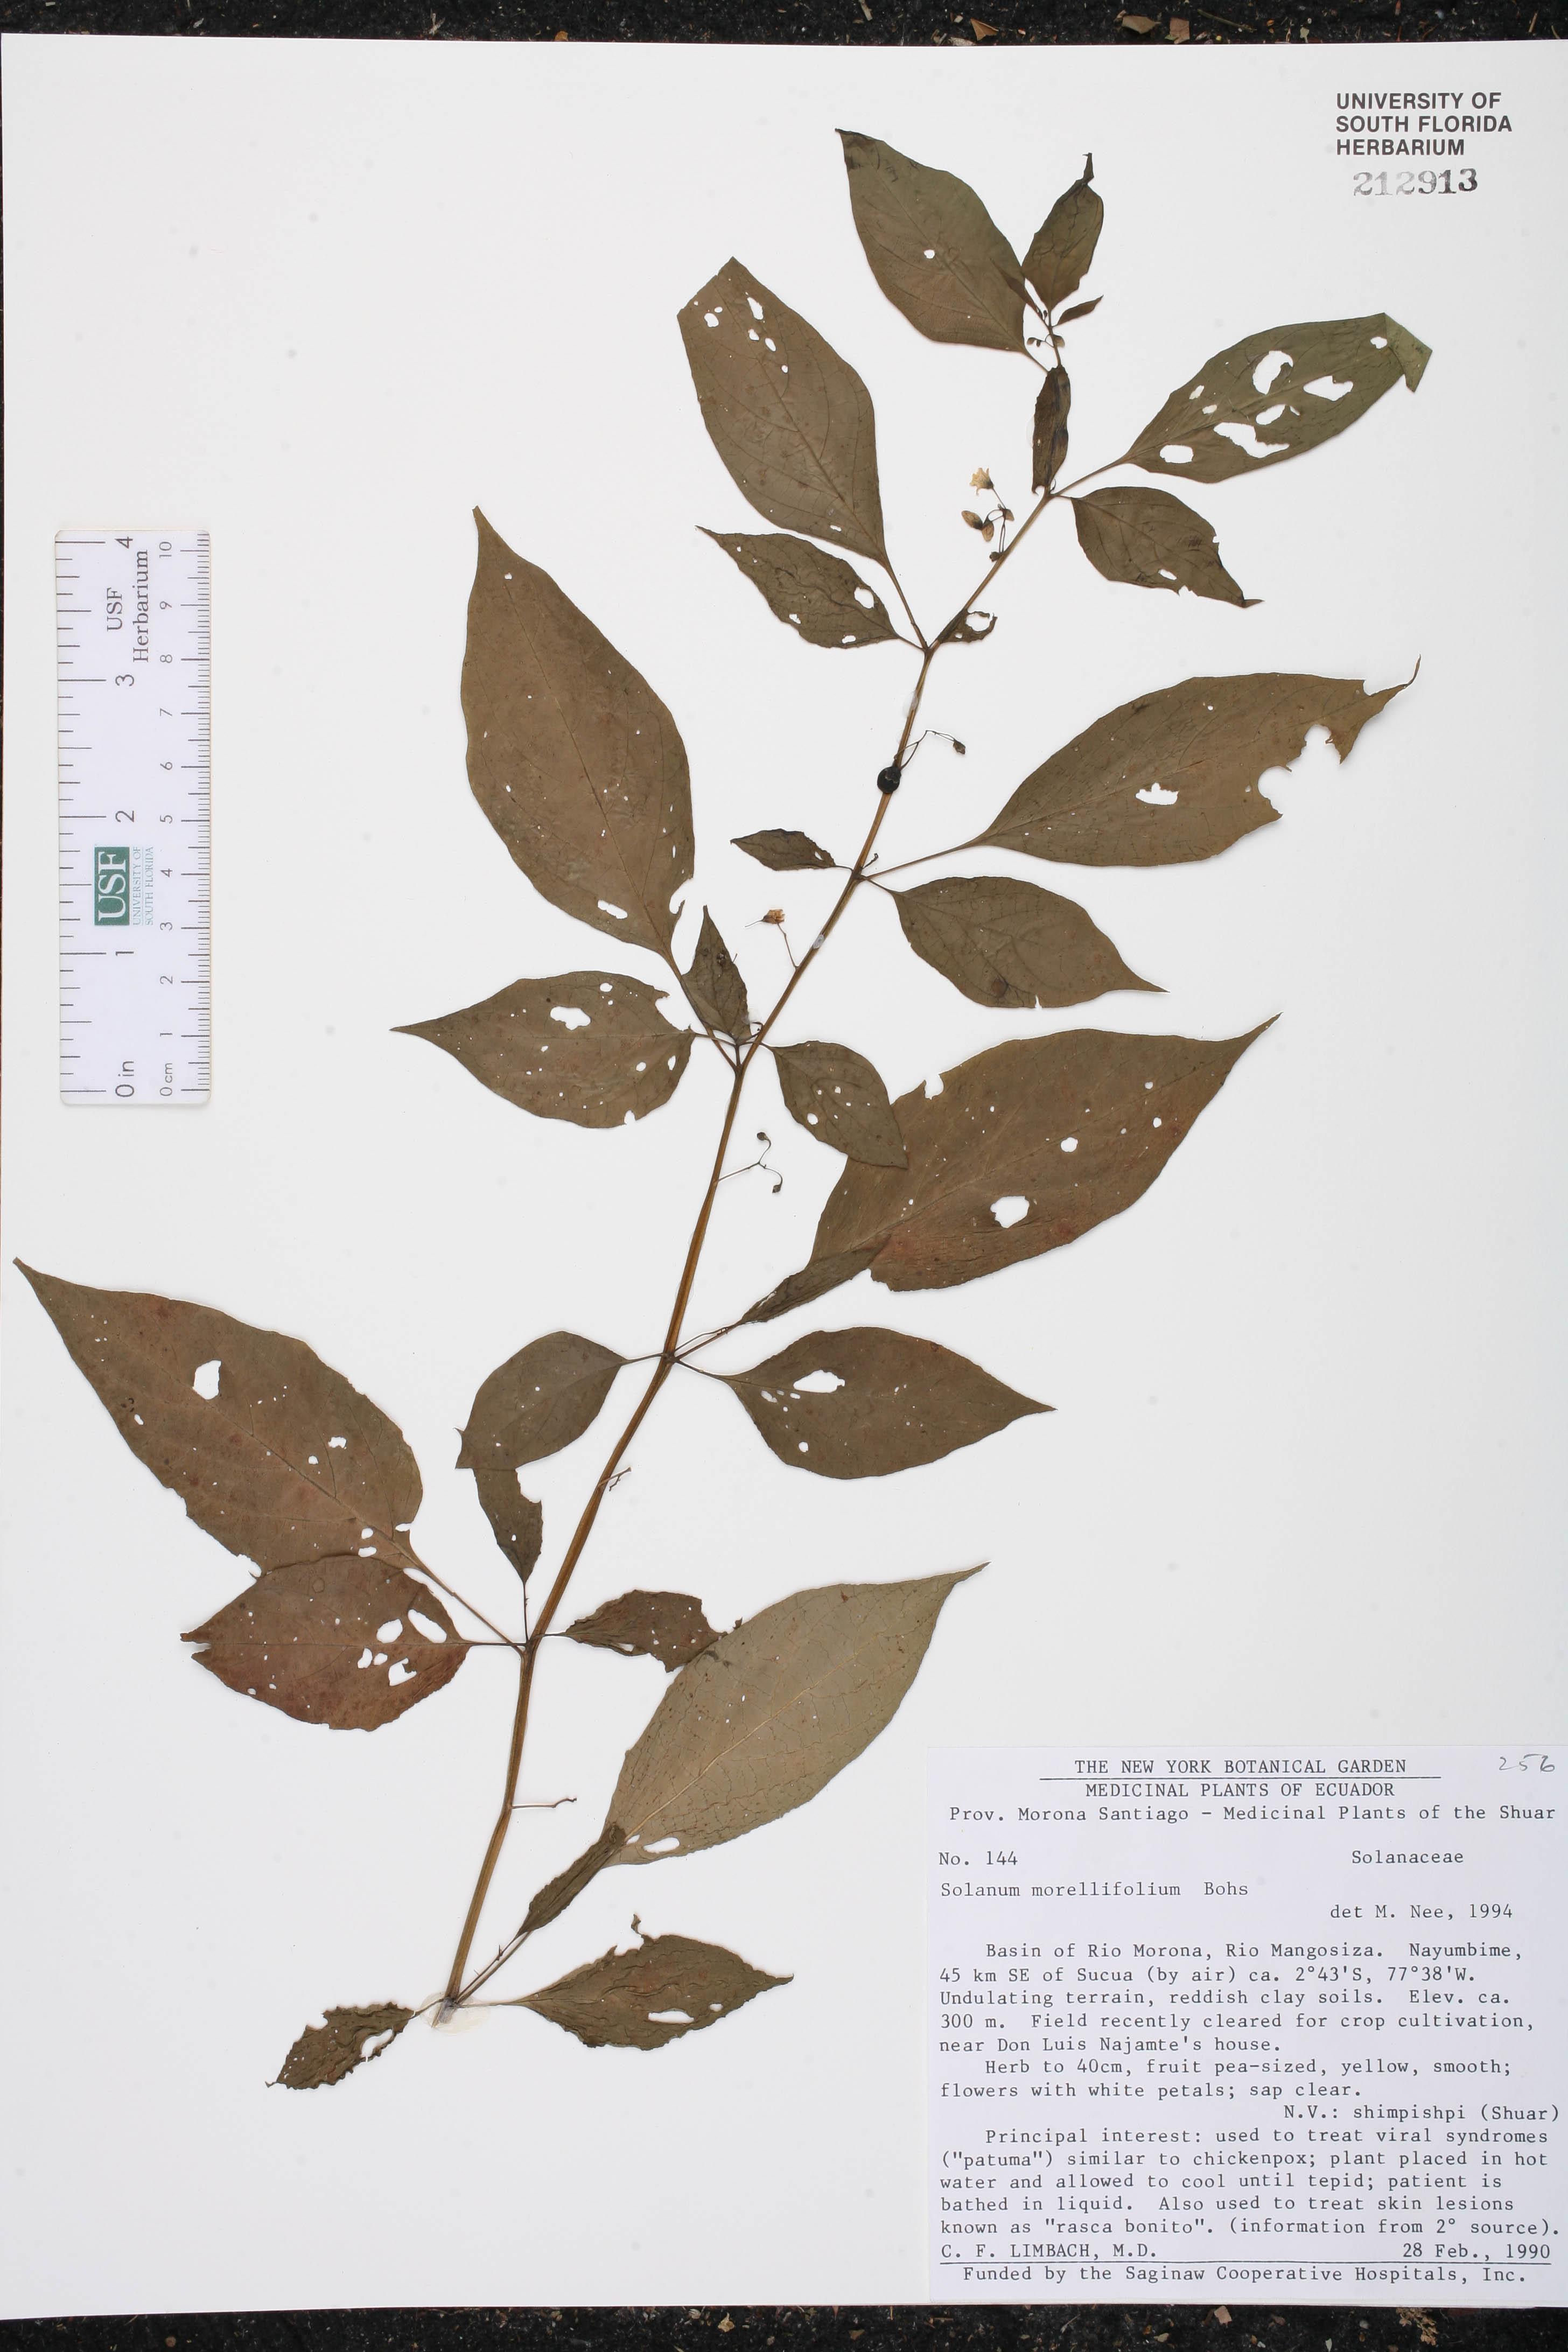 Solanum morellifolium image